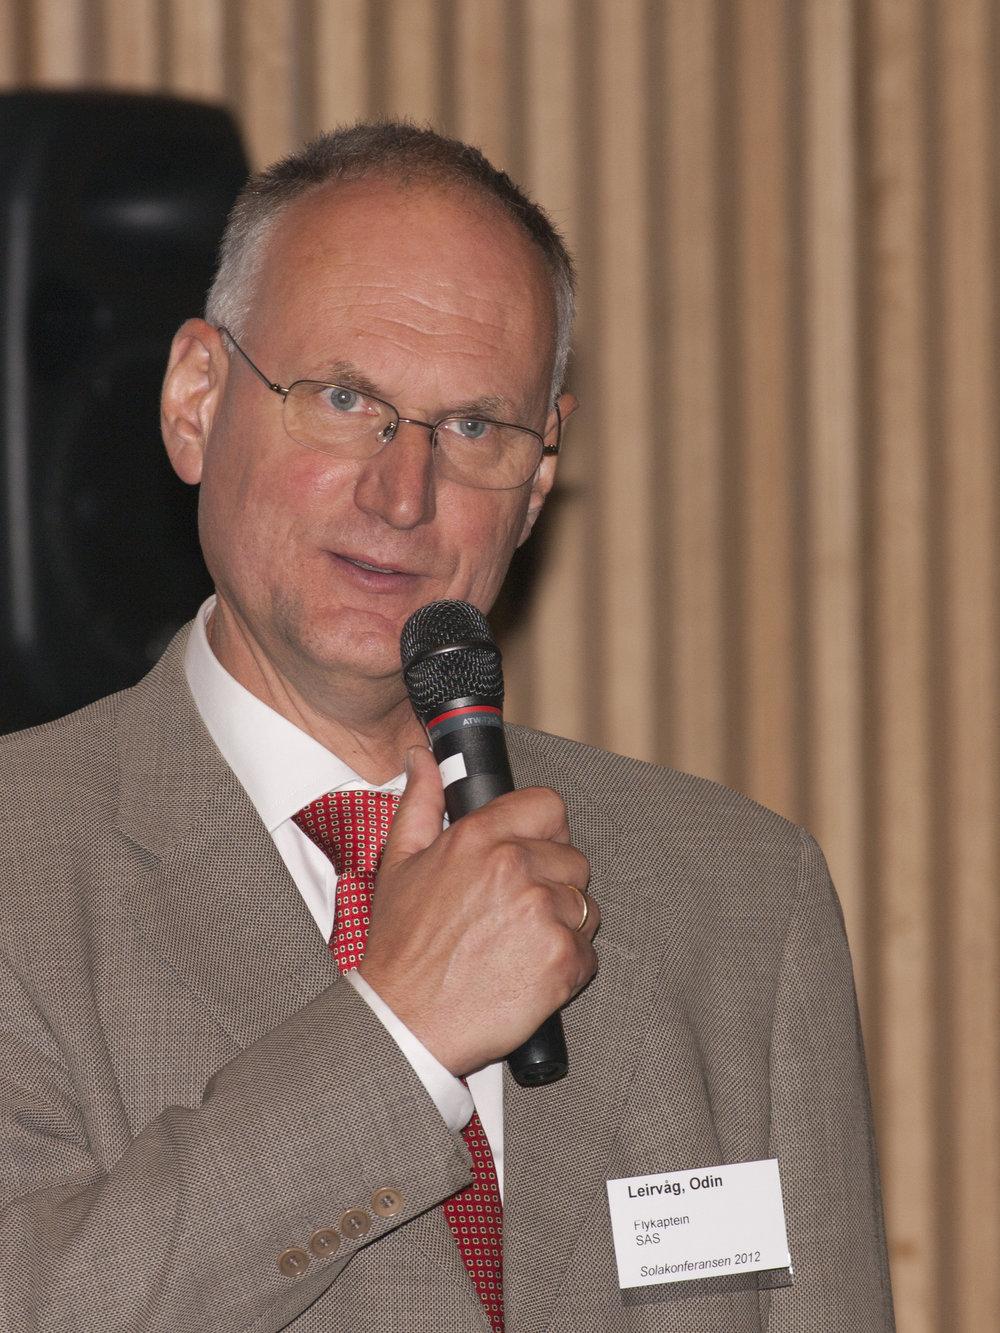 Leder_konfkomite_Leirvåg_2.JPG